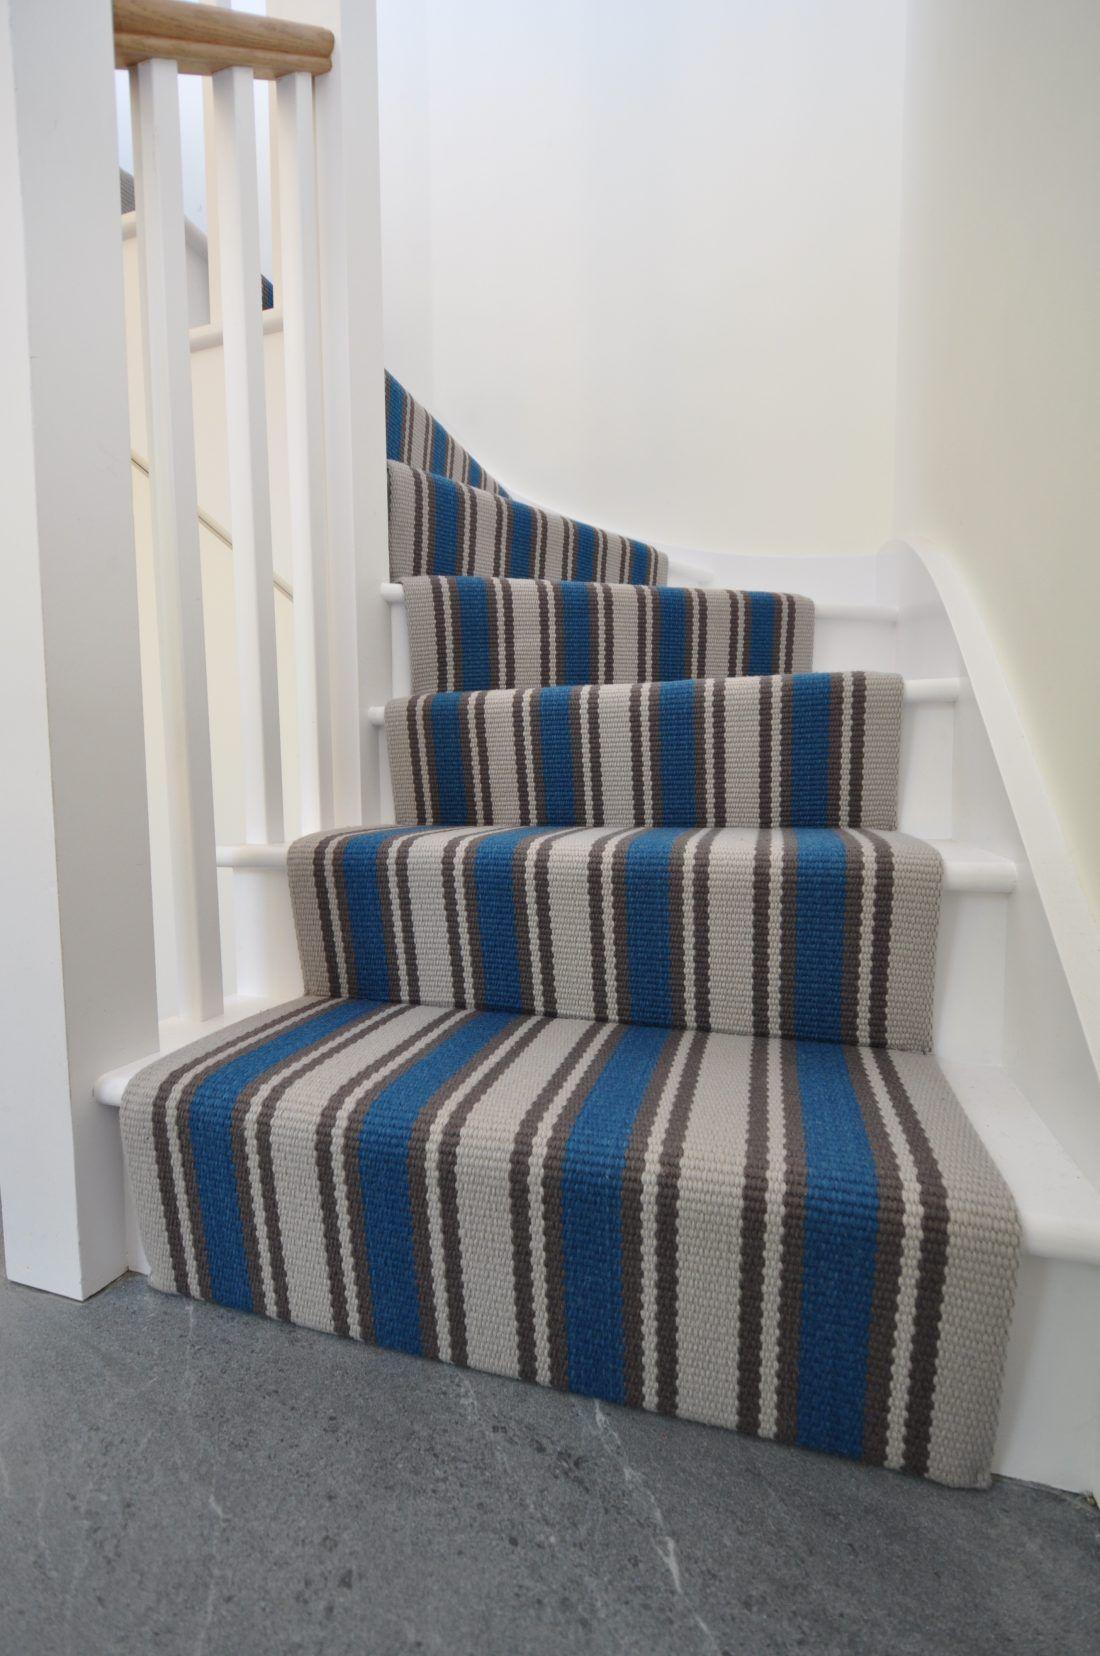 Best Reeth 1 Off The Loom Stair Runner Flat Weave Stairs 640 x 480